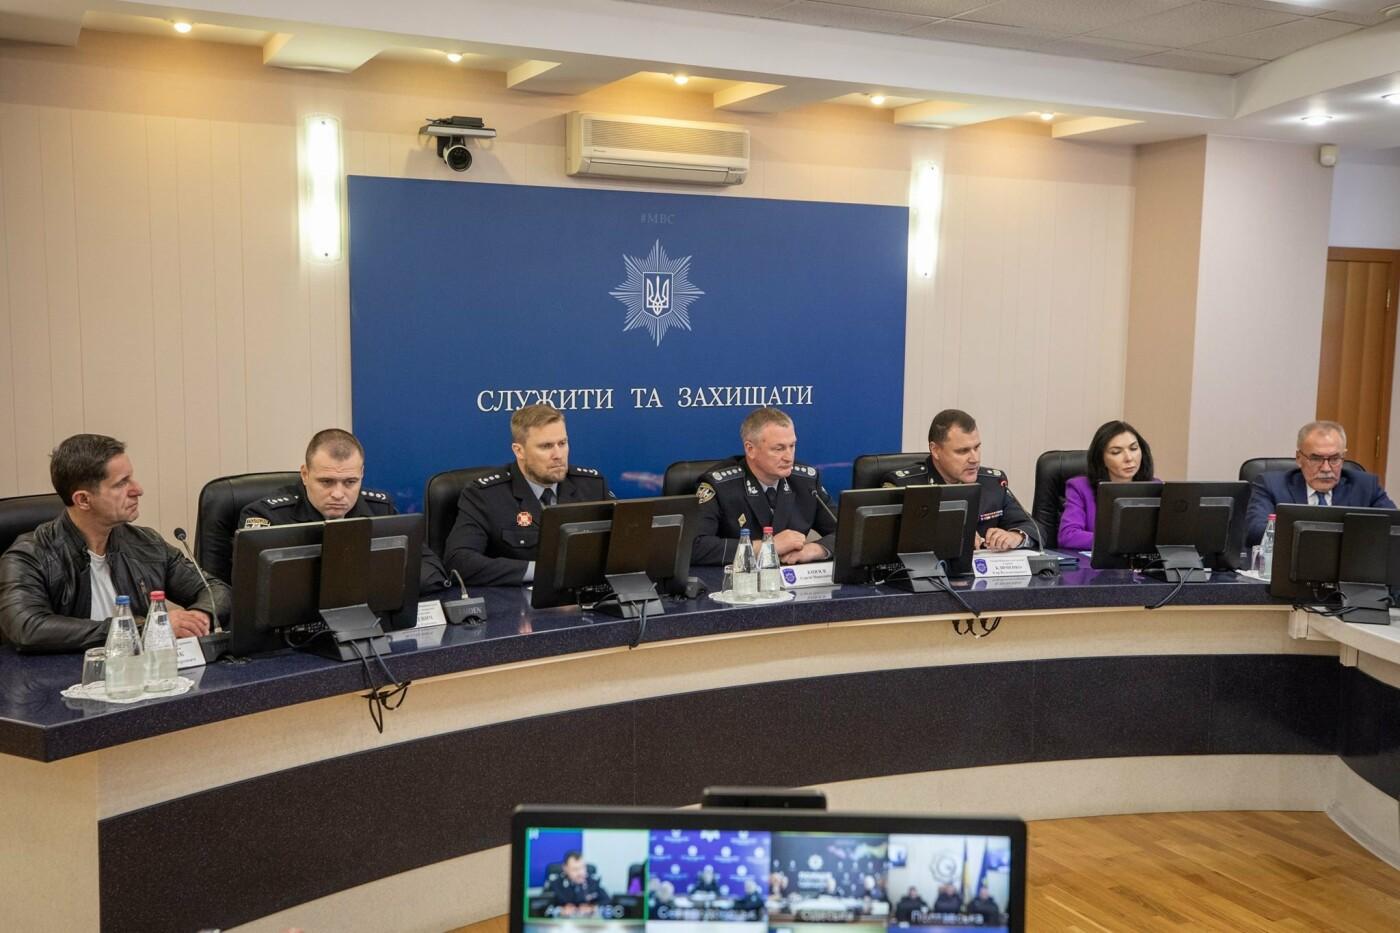 Поліцейський з Рівненщини Князєв стане радником Авакова, фото-2